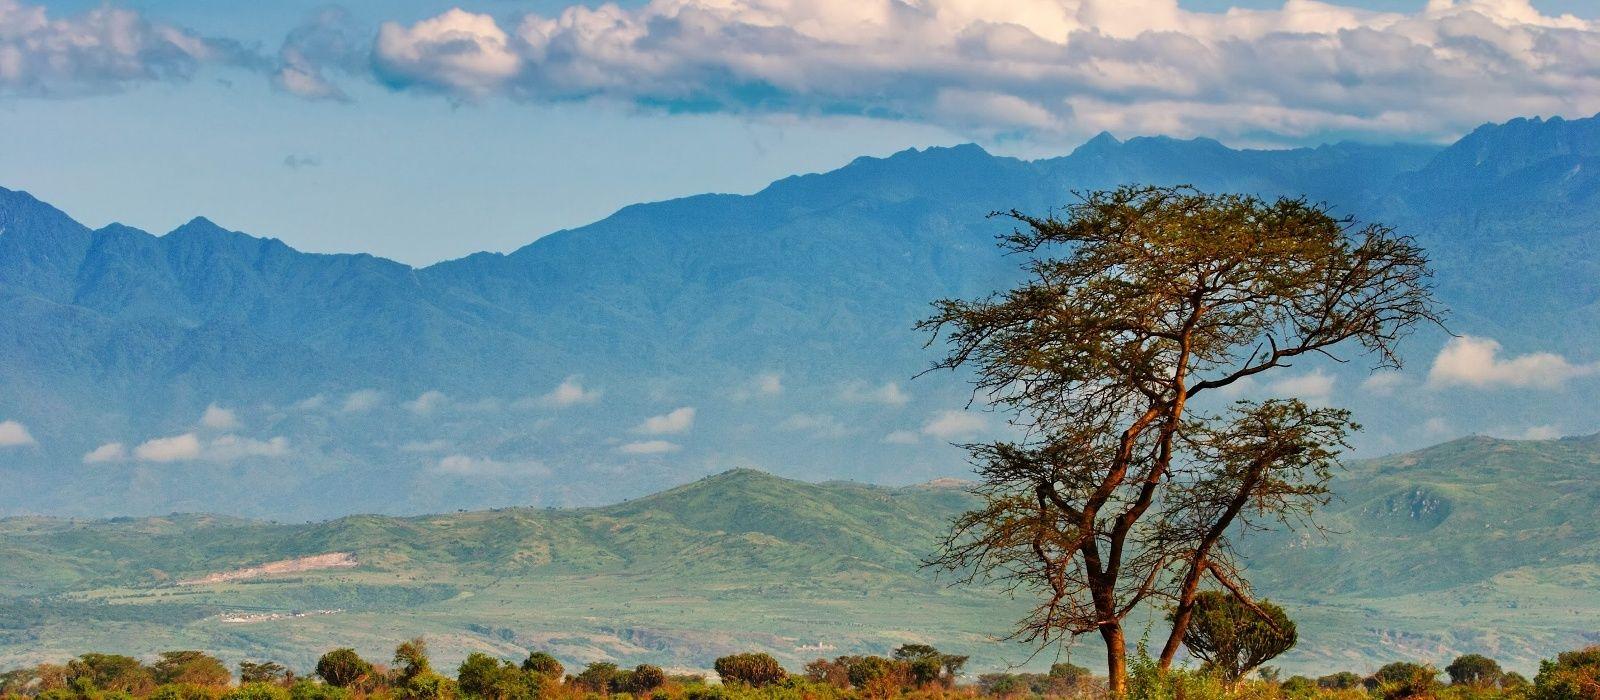 Destination Queen Elizabeth Uganda